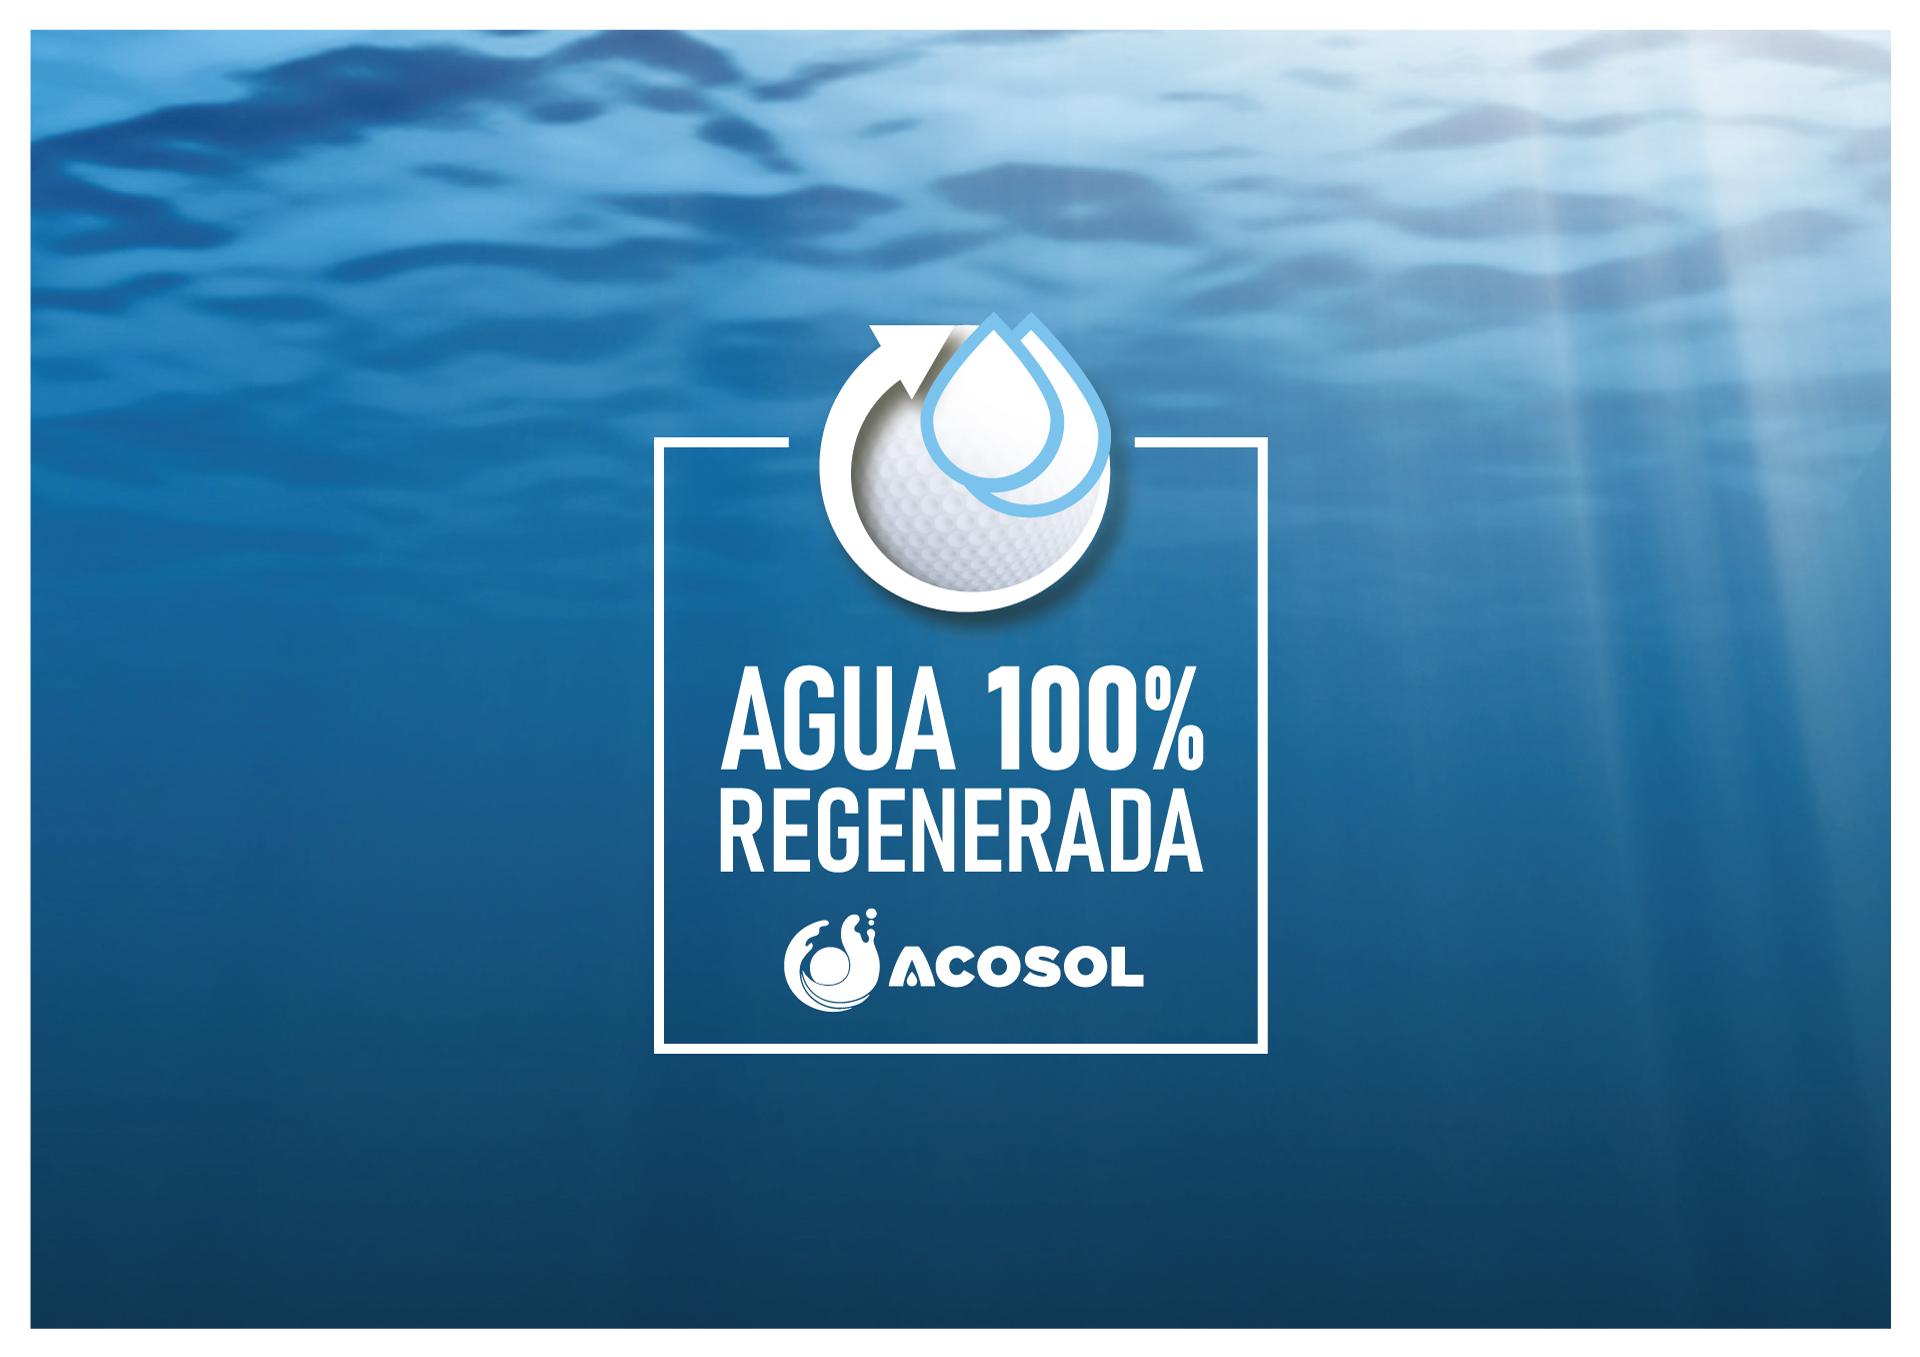 Diseño Imagen Sello Acosol Agua 100% Reciclada